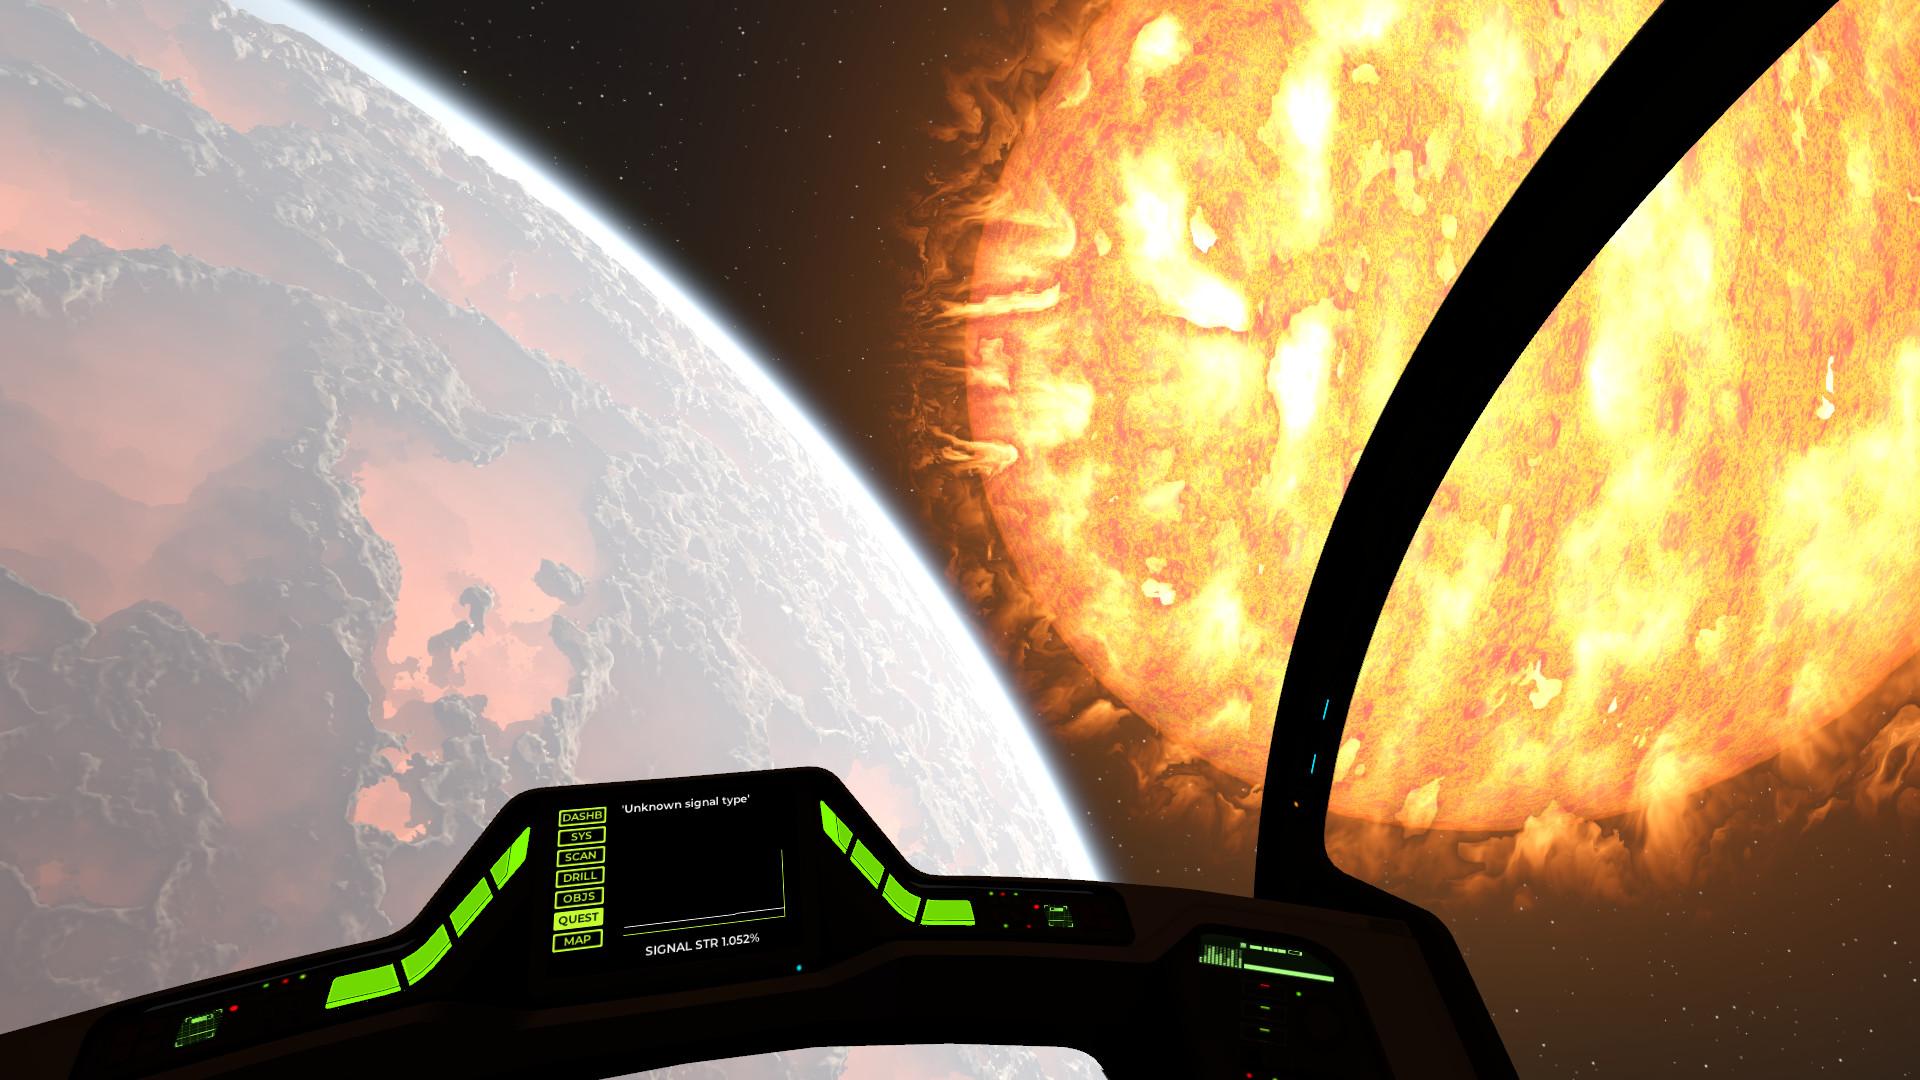 受《星际穿越》启发 太空模拟新作《地球模拟》发售